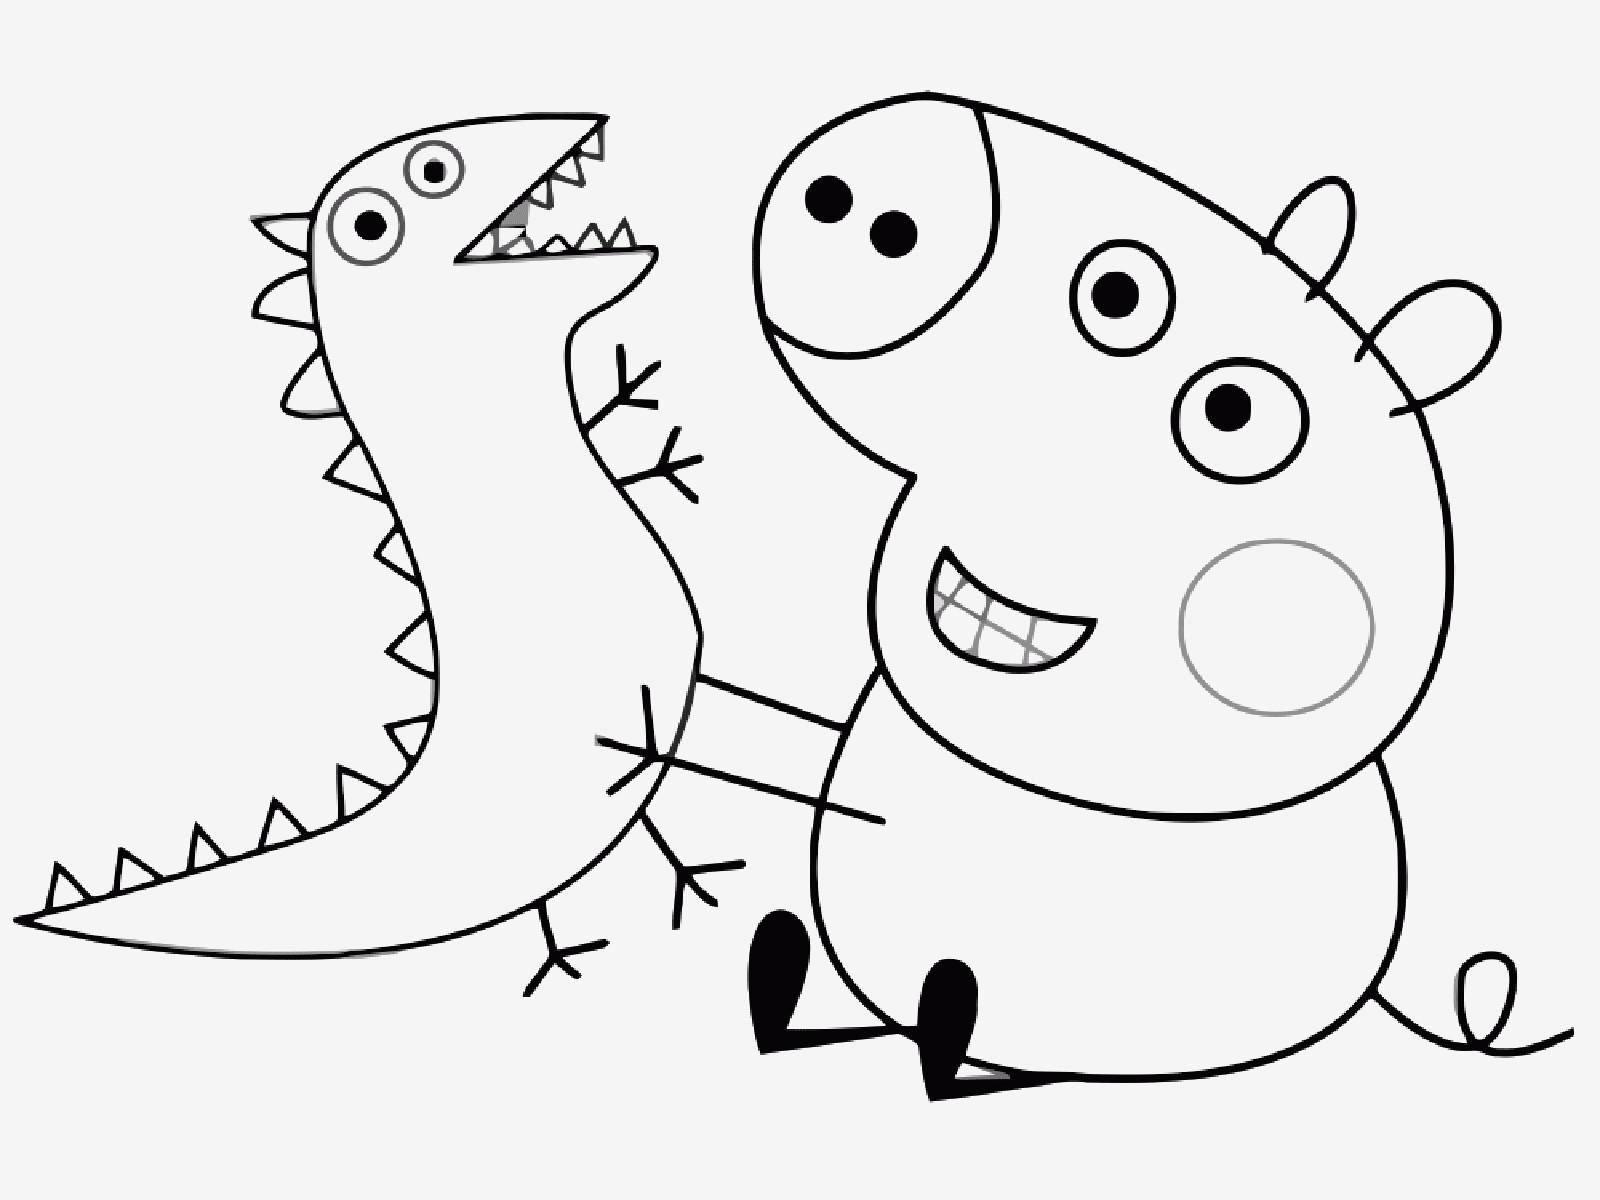 Peppa Wutz Malvorlage Das Beste Von Malvorlage Peppa Wutz Bilder Zum Ausmalen Bekommen Peppa Pig Bild